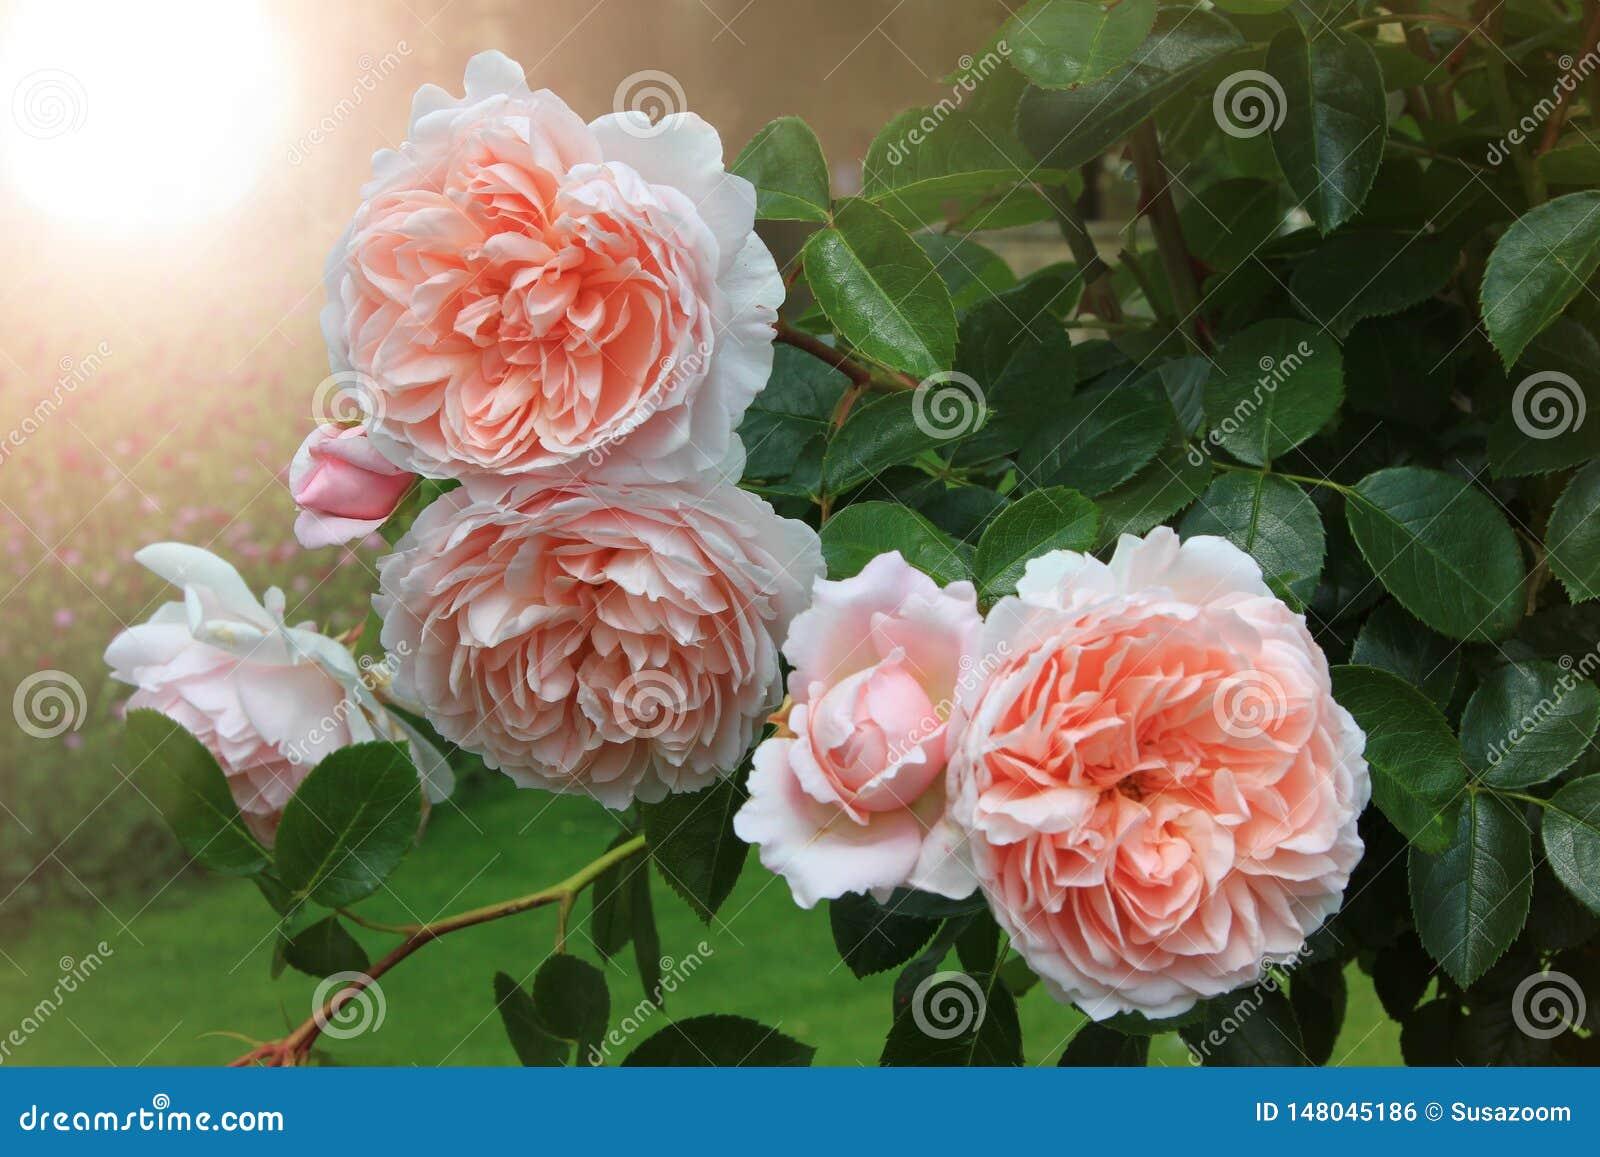 De mooie gevulde kleur van de rozen lichte abrikoos en helder licht